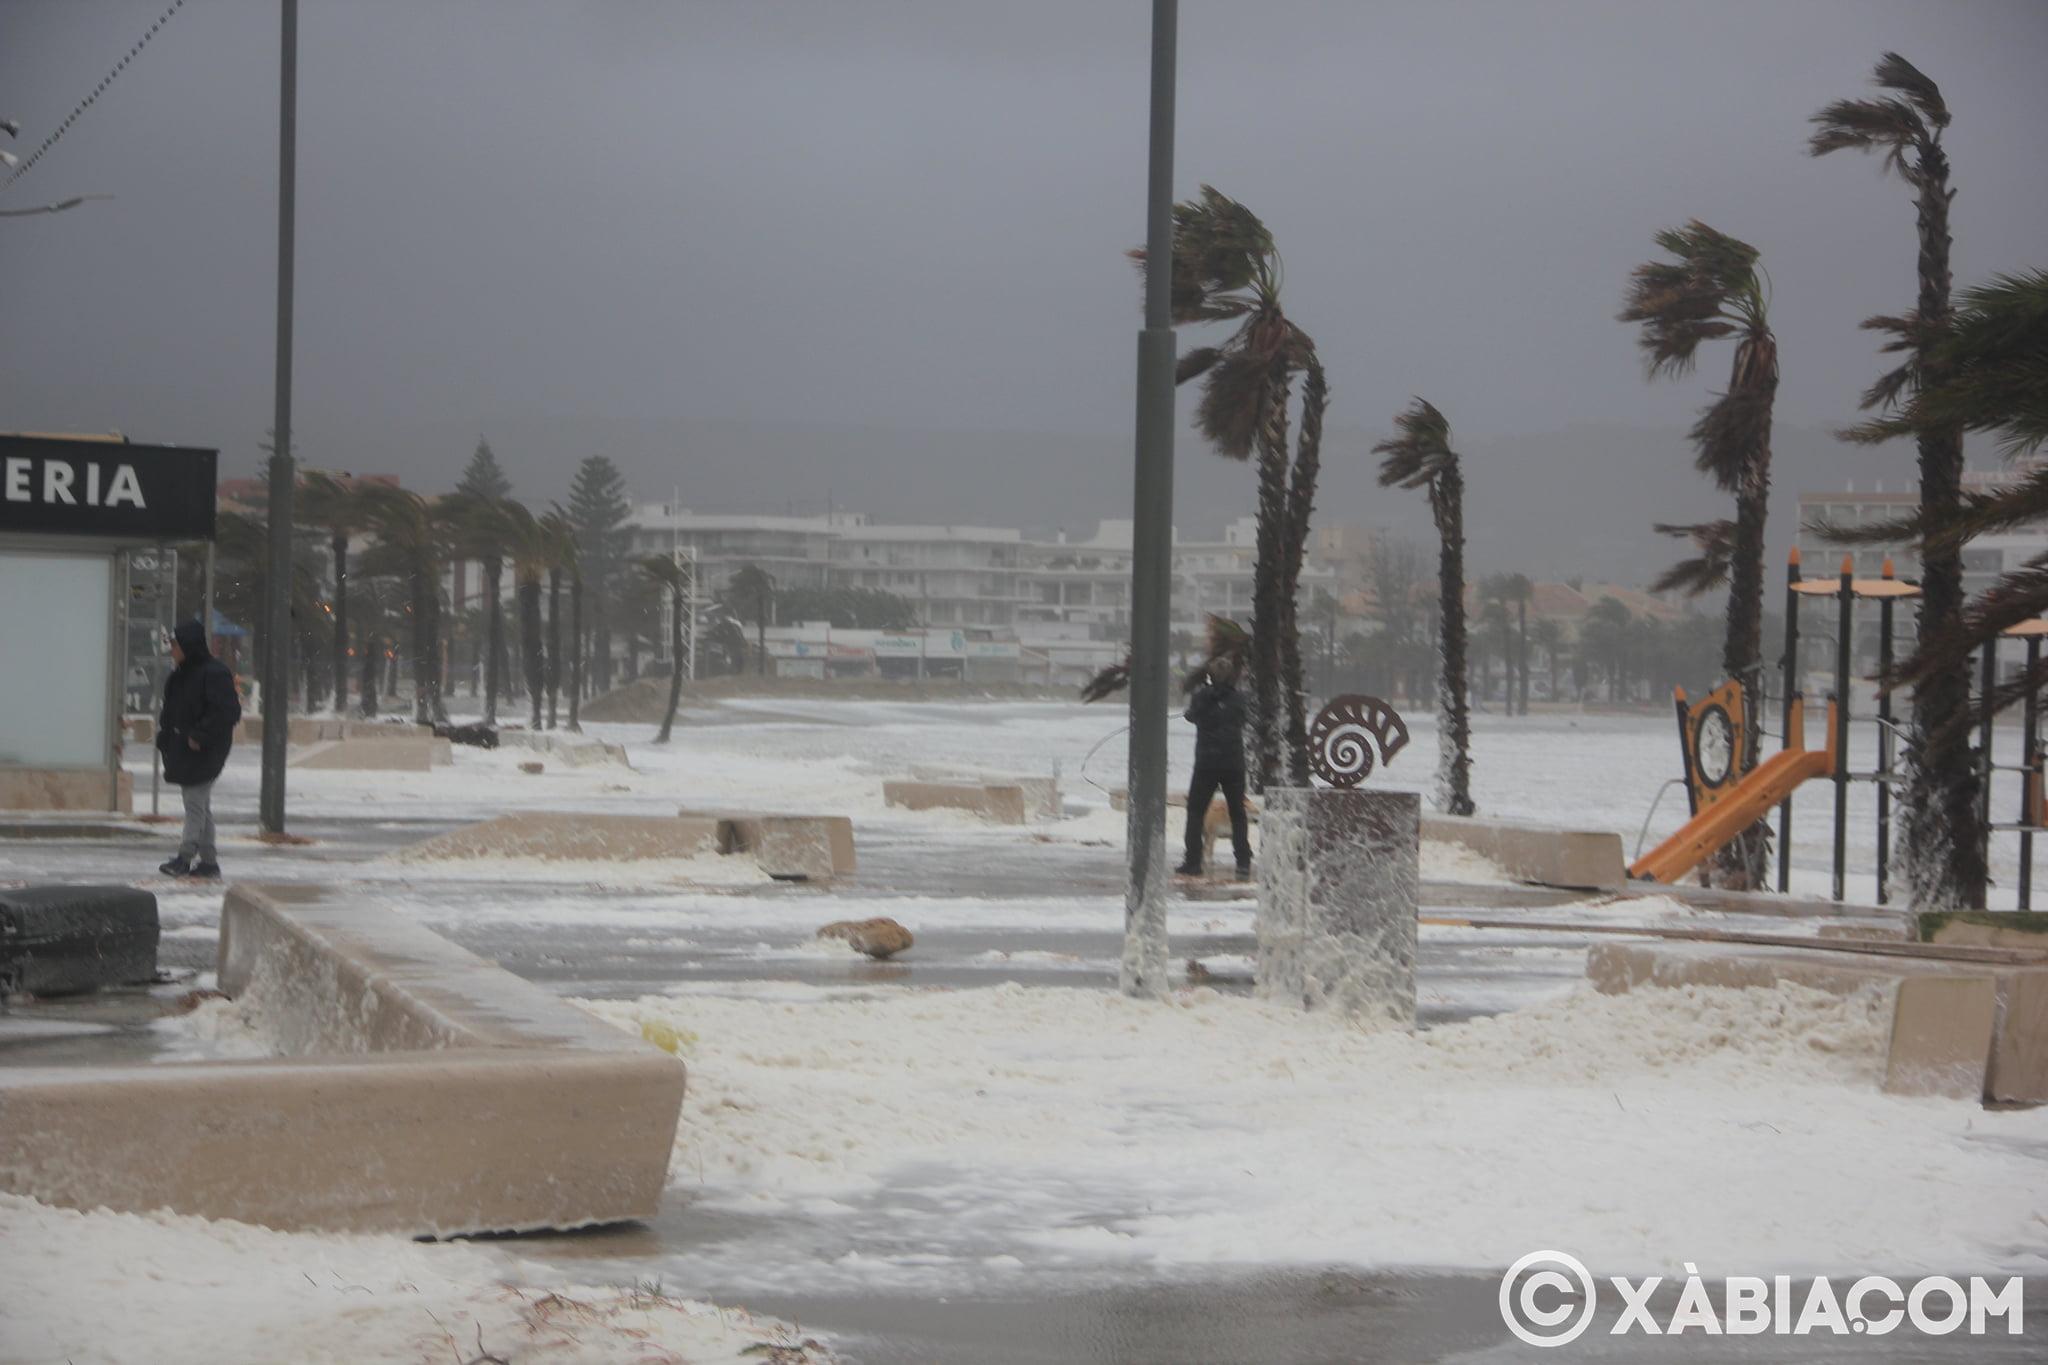 Pluie, vent et tempête de mer déchiquetés à Xàbia